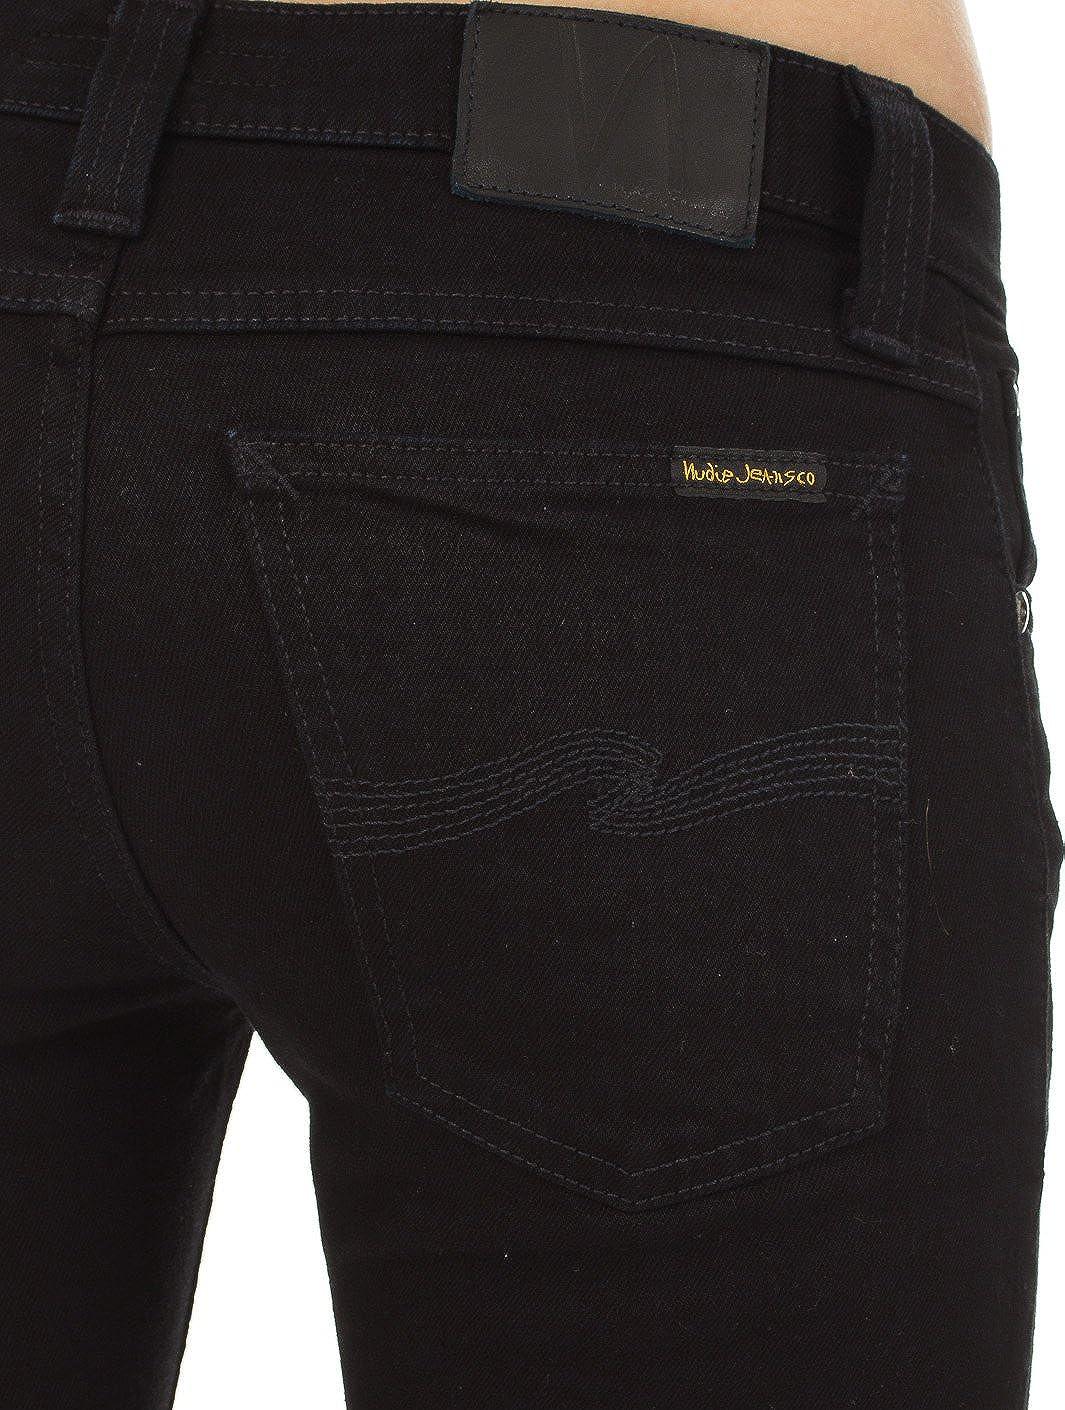 Nudie Jean Womens Tight Long John Jean in Black Black Nudie Jeans 111199 ec0c486c6